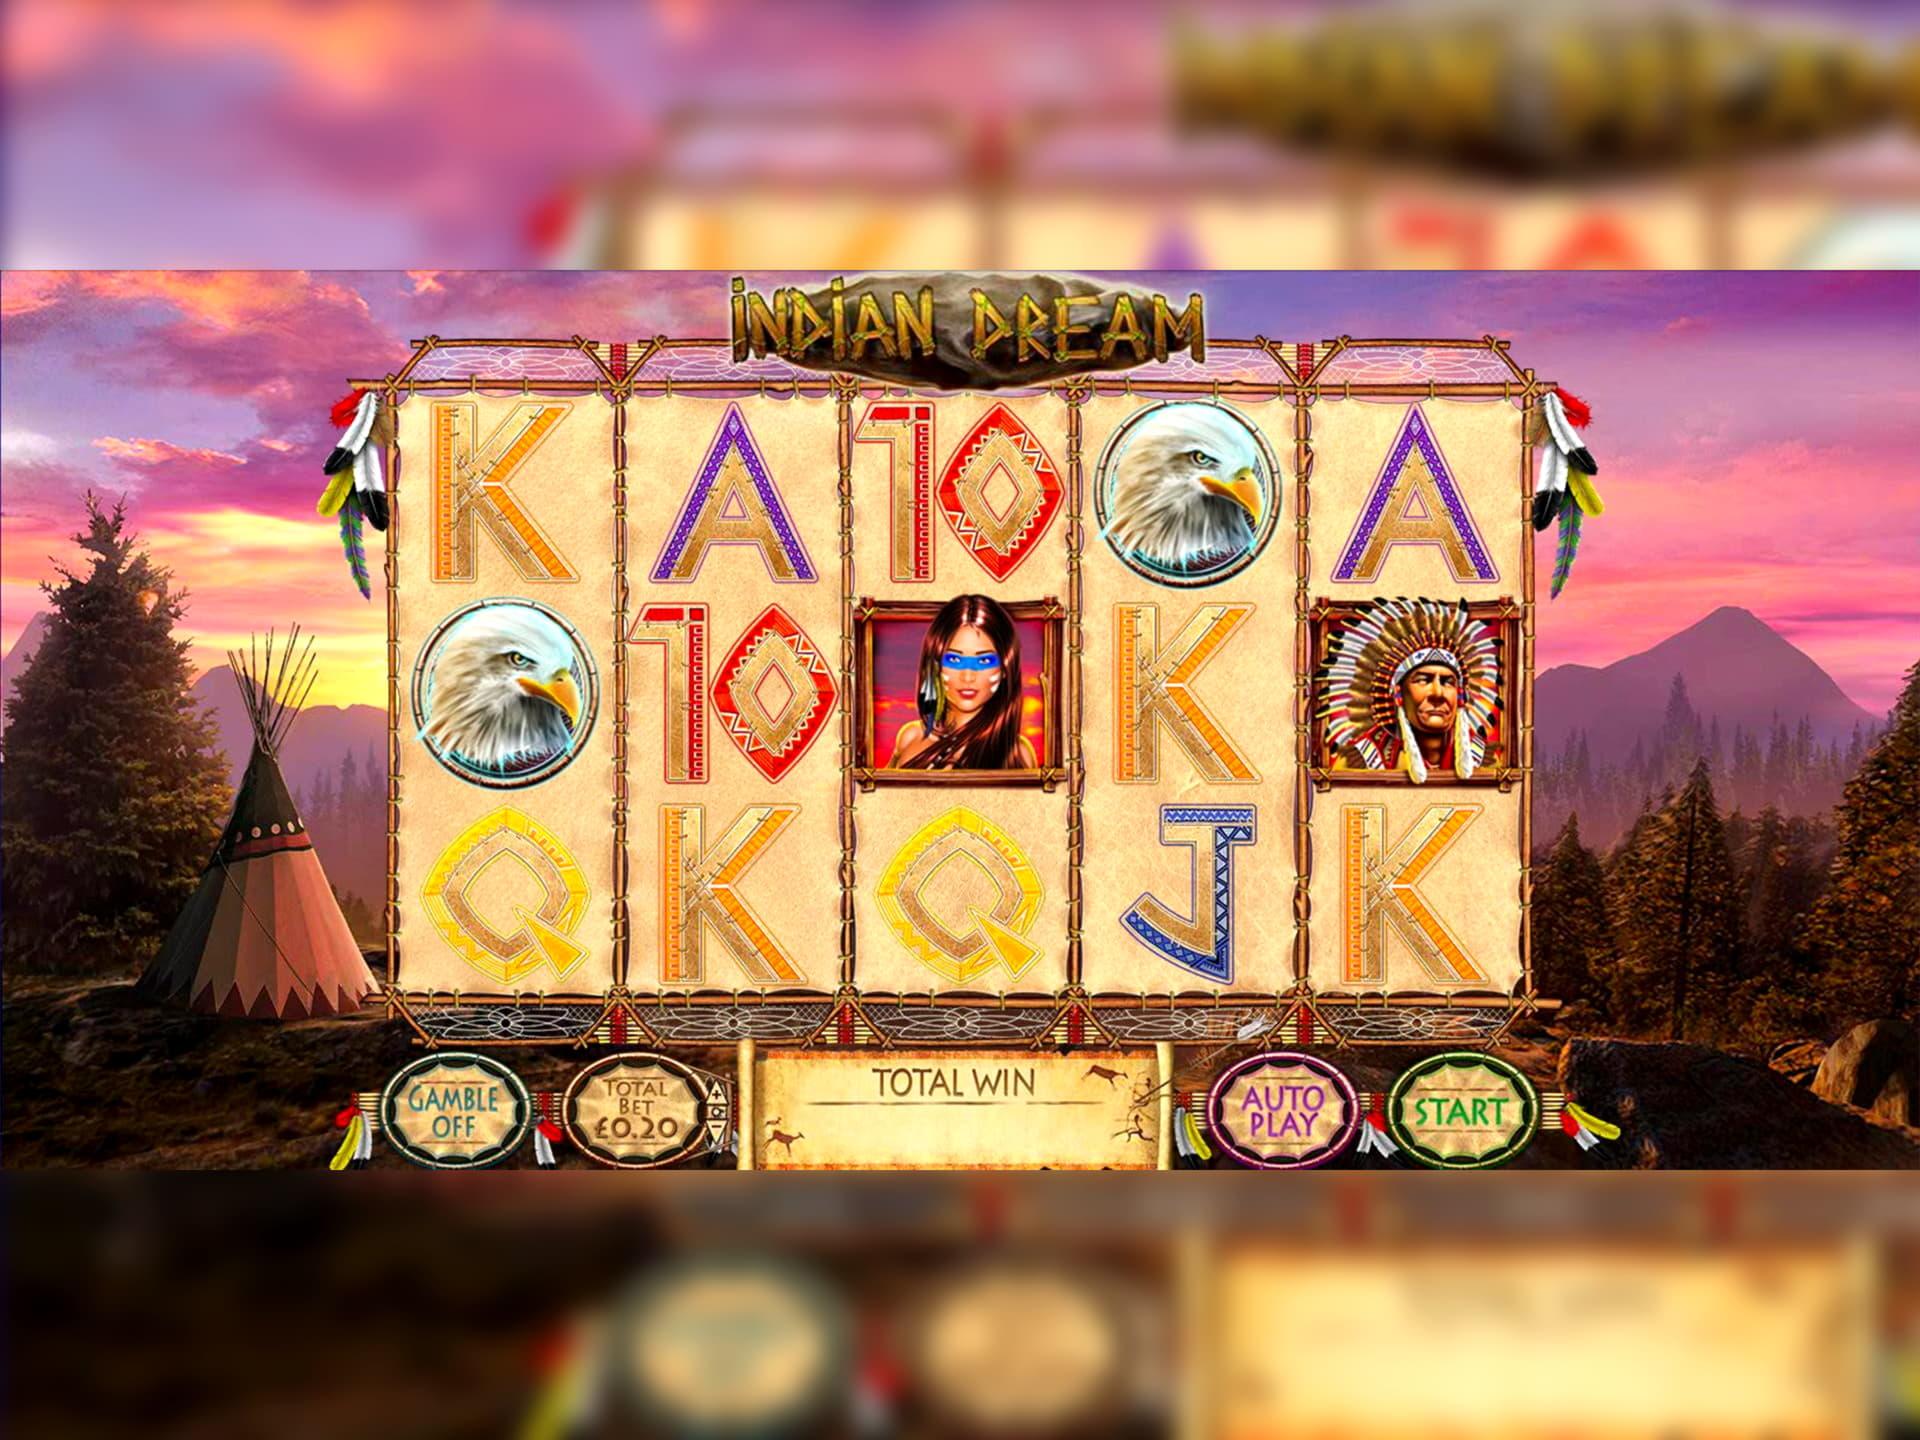 650% Signup Casino Bonus at LSbet Casino